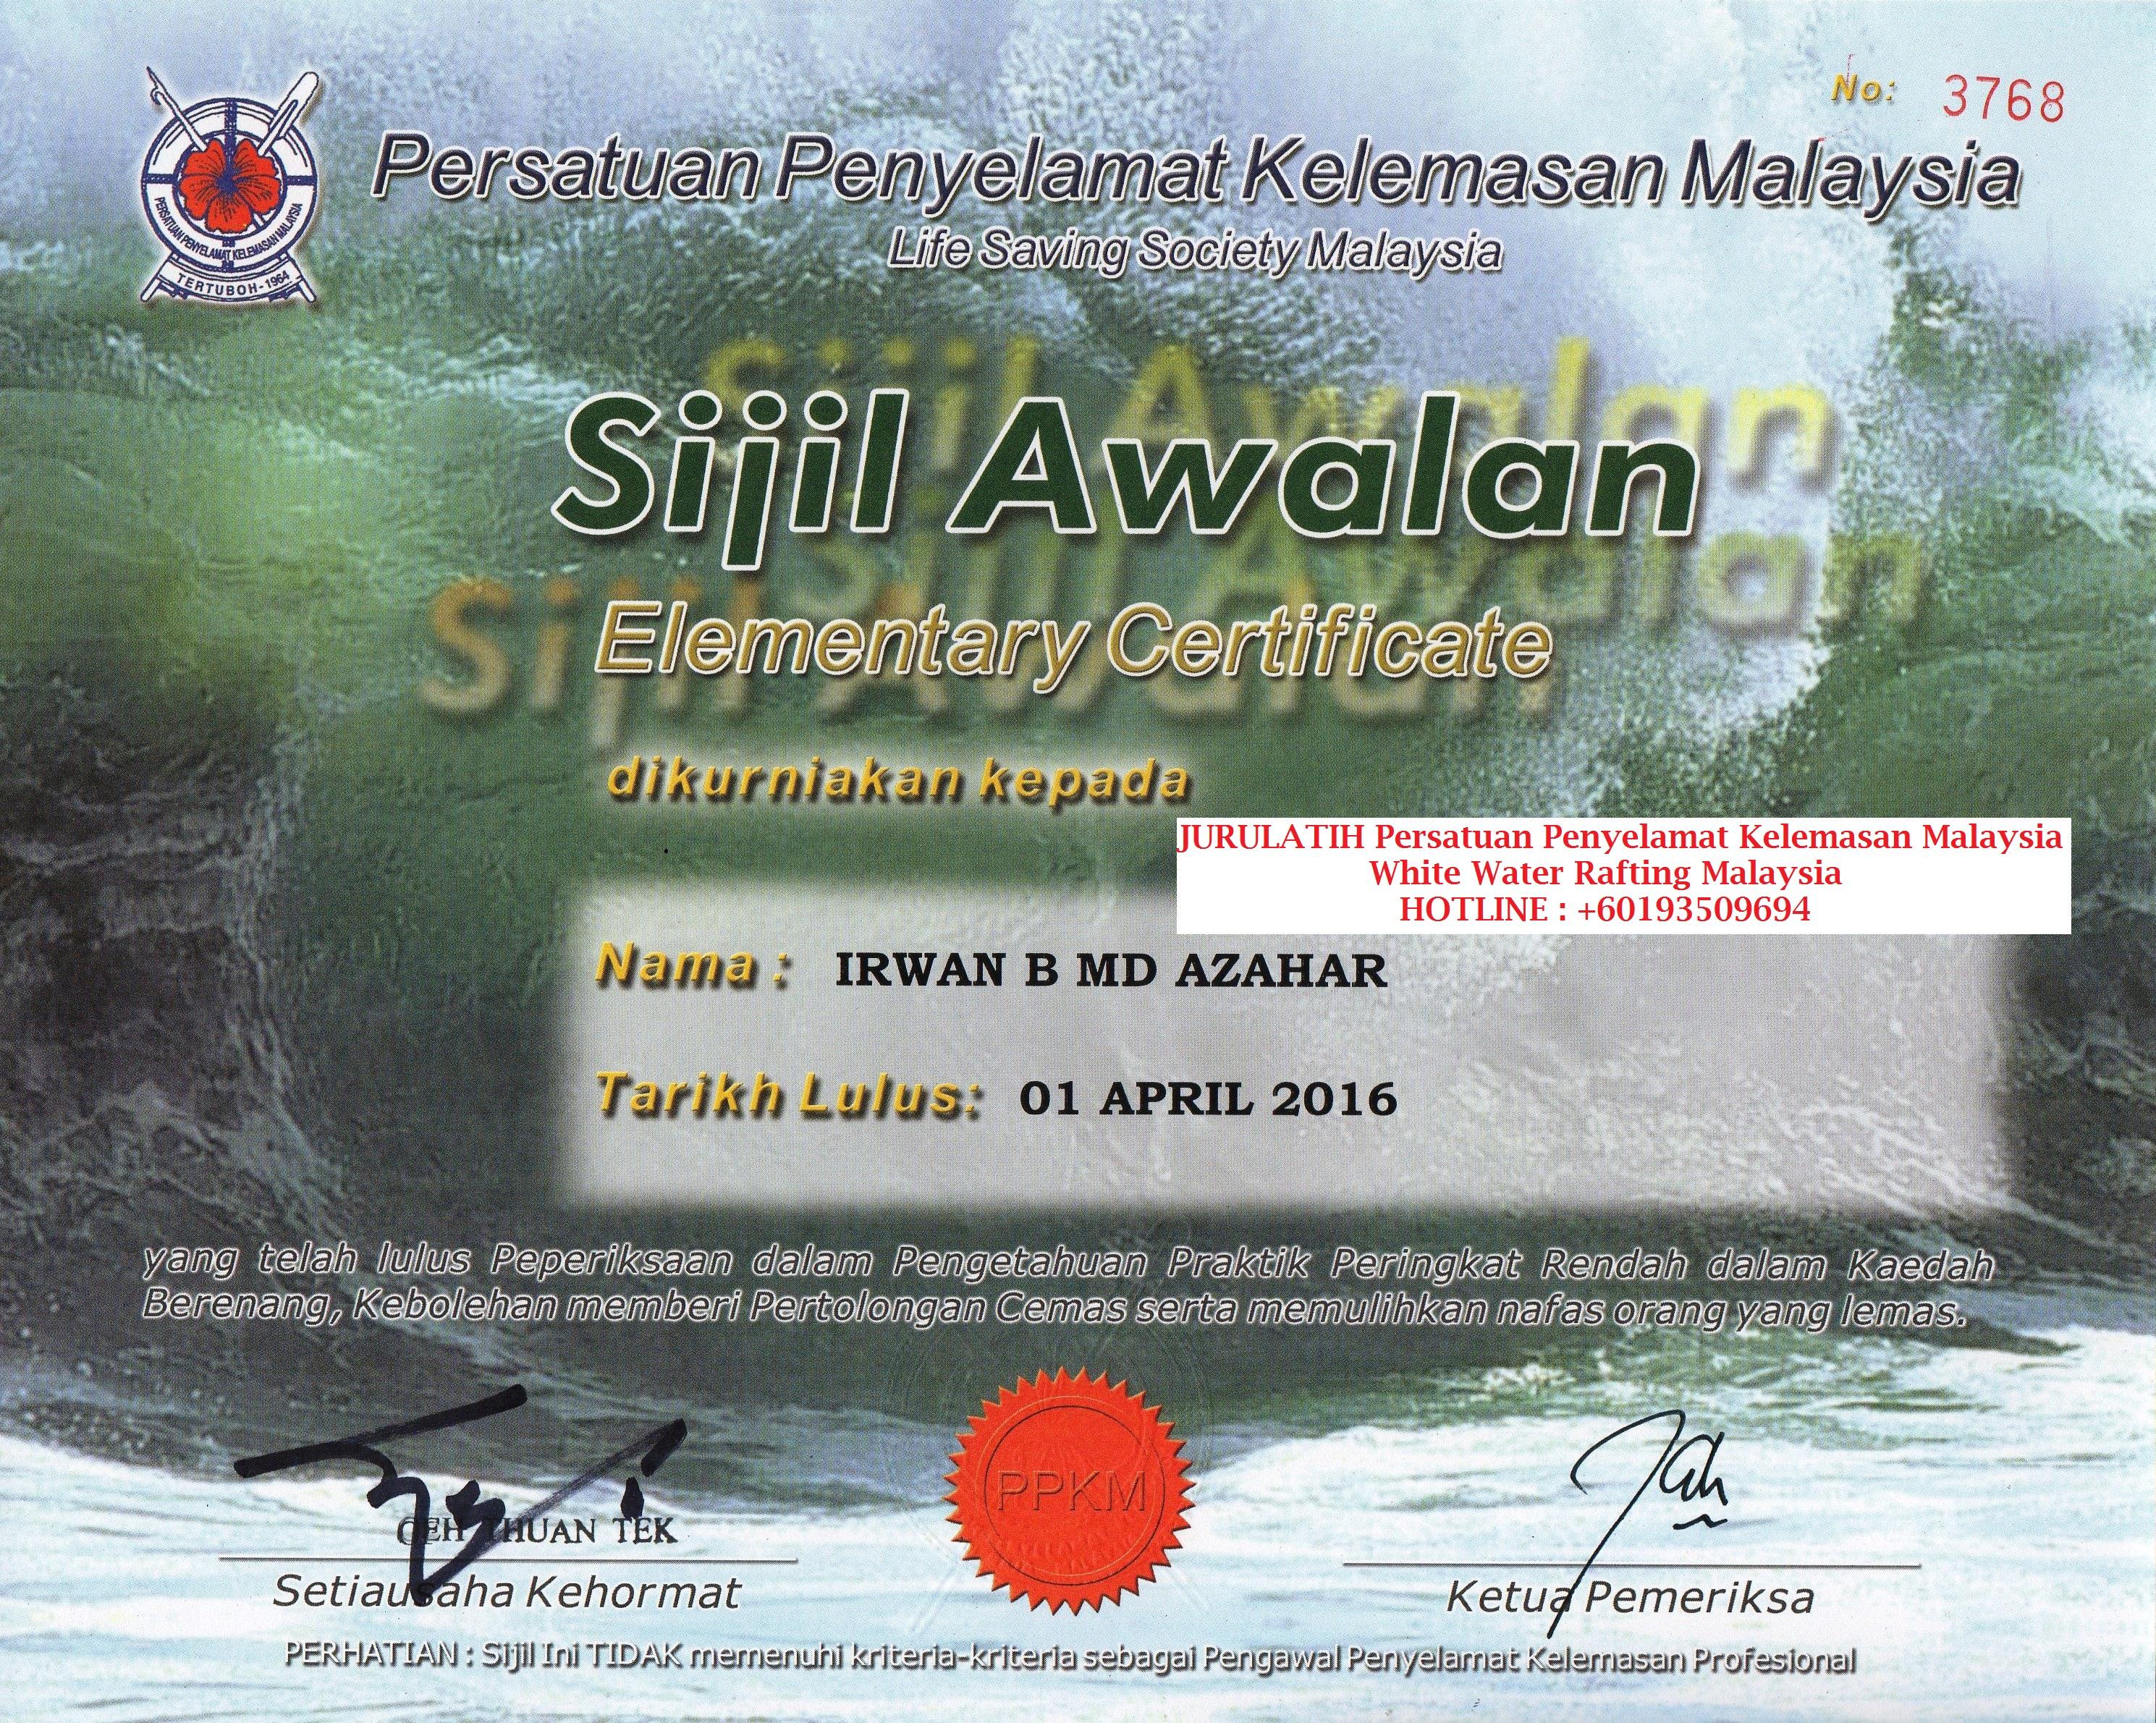 ELEMENTARY certified irwan md azahar